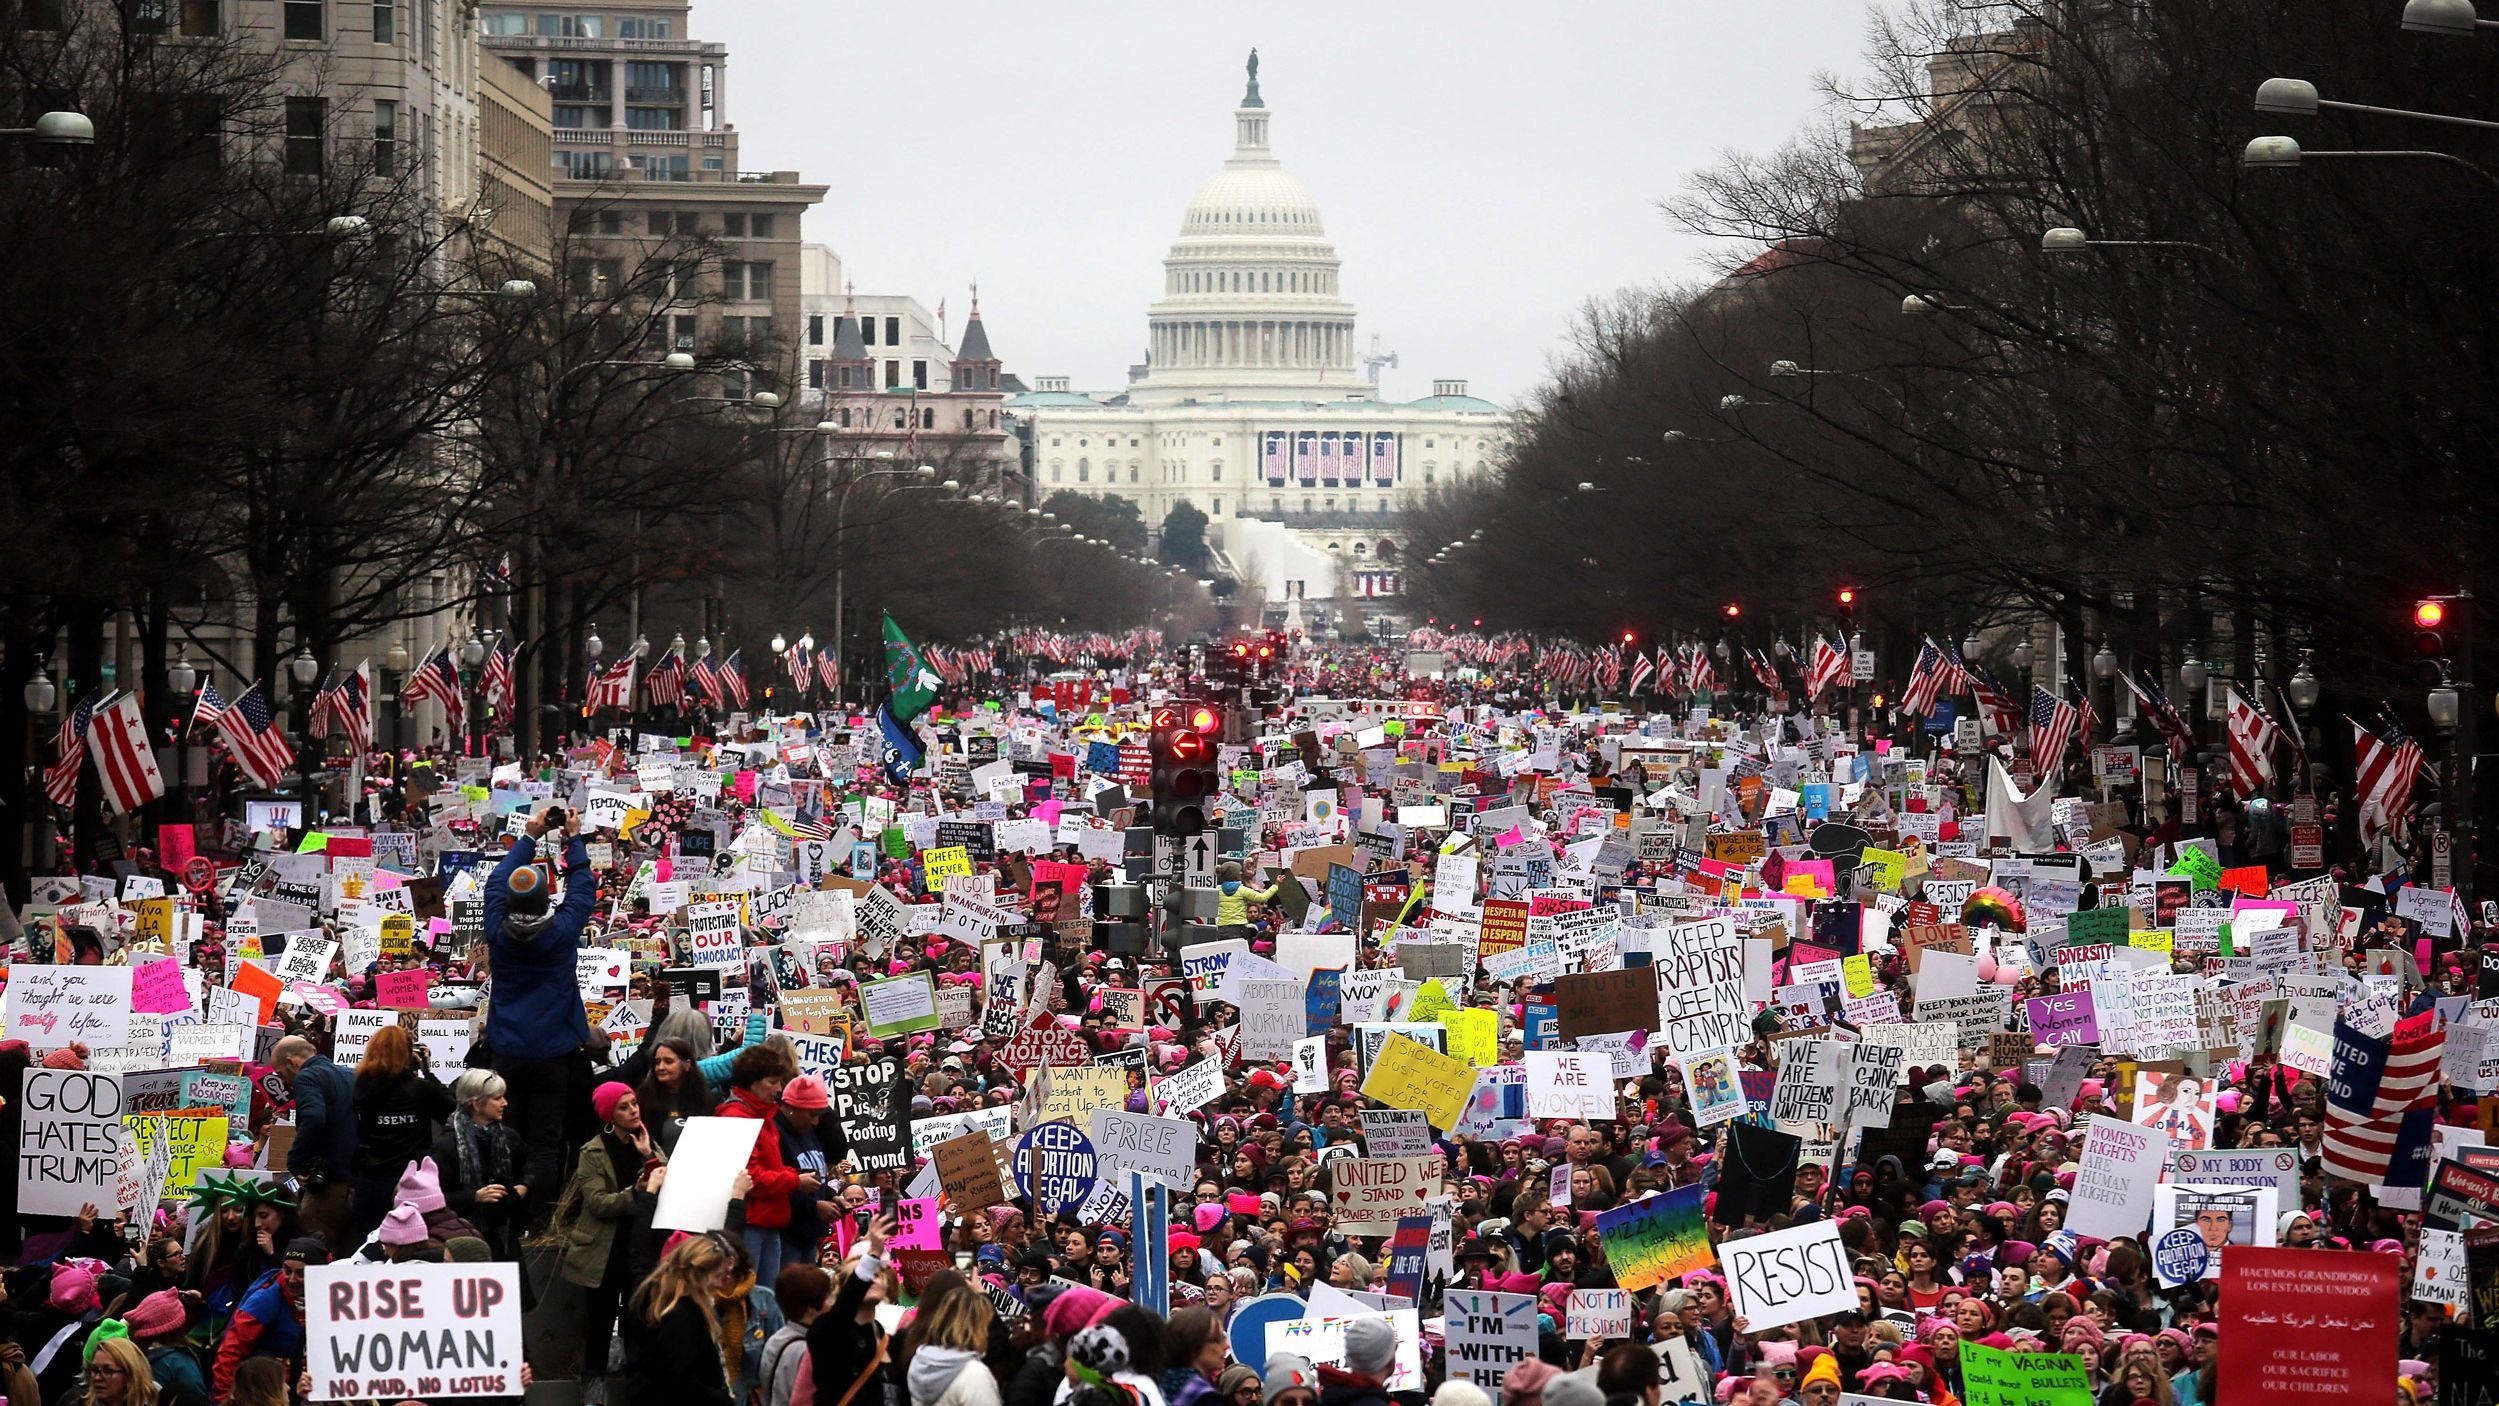 ソーシャル発の抗議デモは なぜいつも失敗するのか?